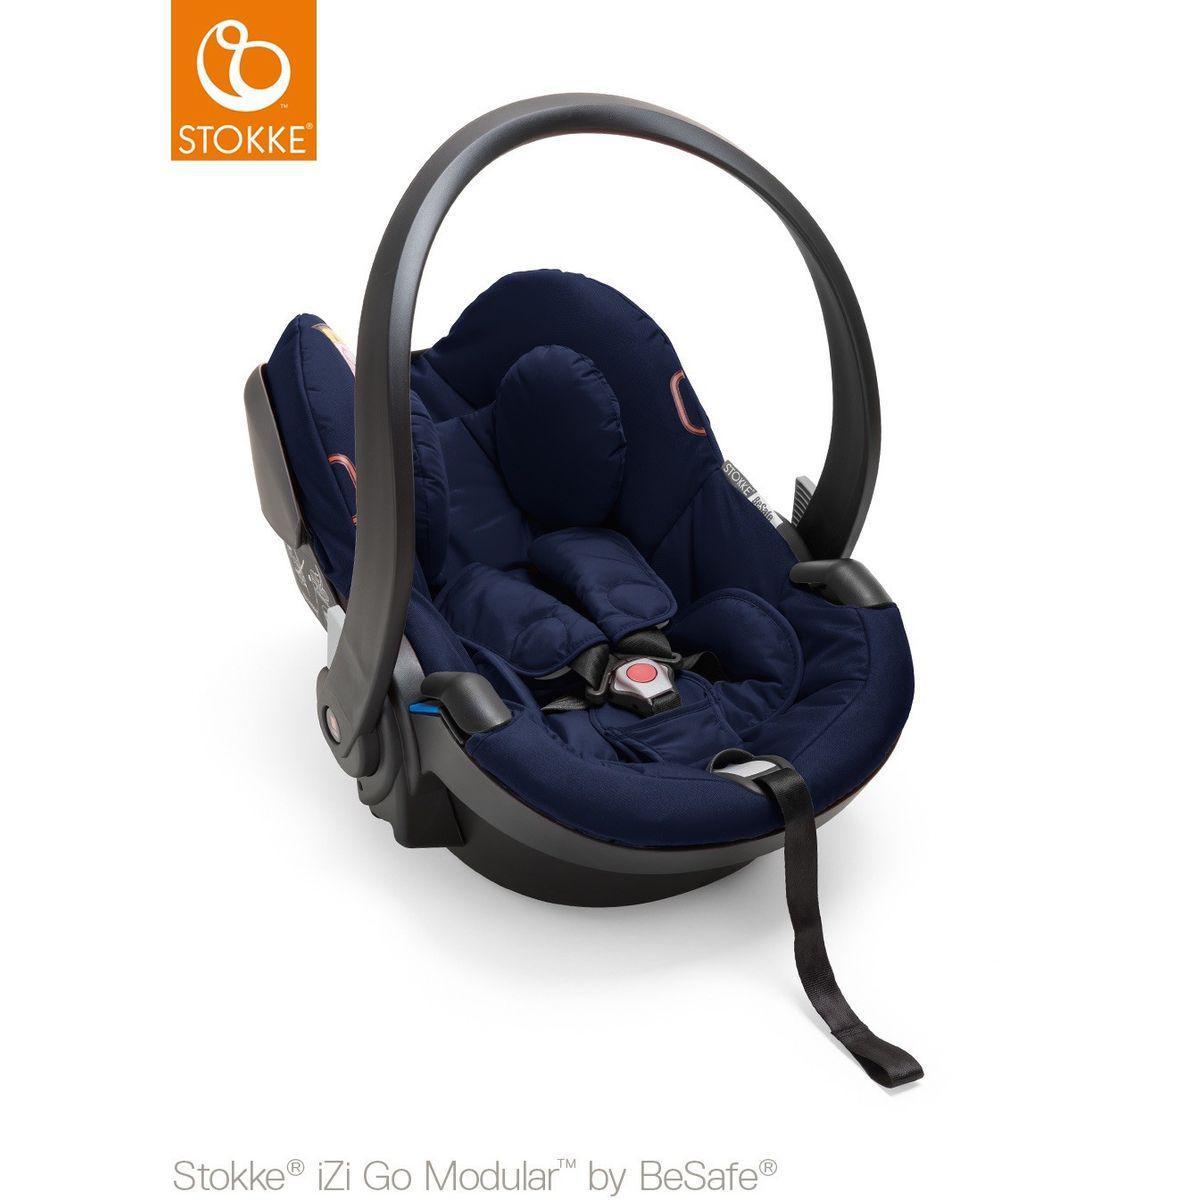 poussette nacelle tout terrain trailz stokke marron bleu. Black Bedroom Furniture Sets. Home Design Ideas